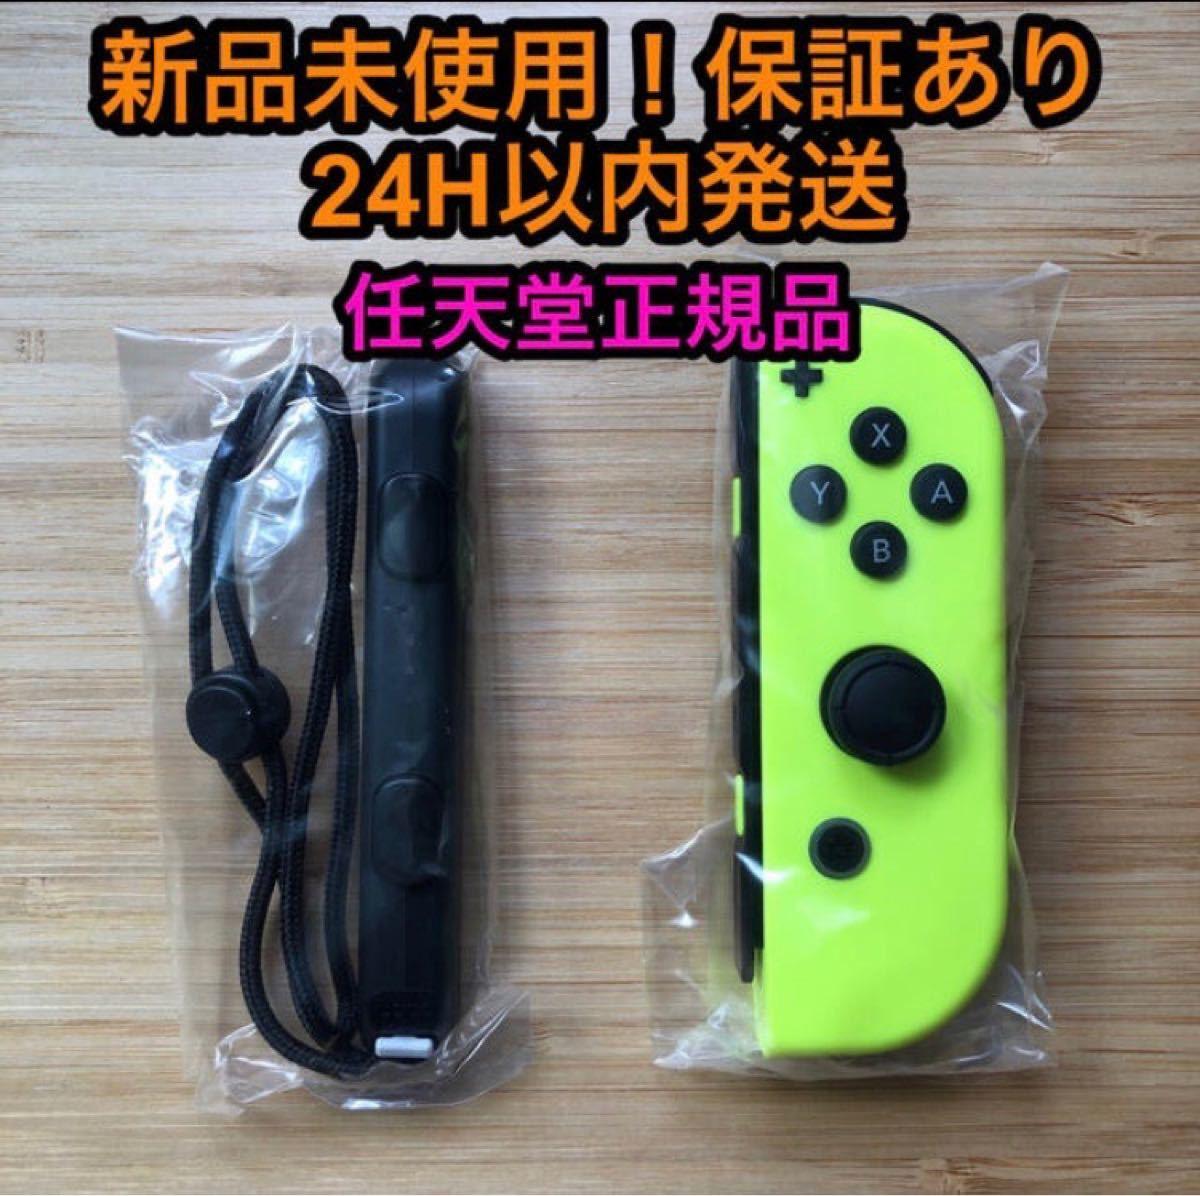 【新品未使用】任天堂 switch joy-con ネオンイエロー ジョイコン